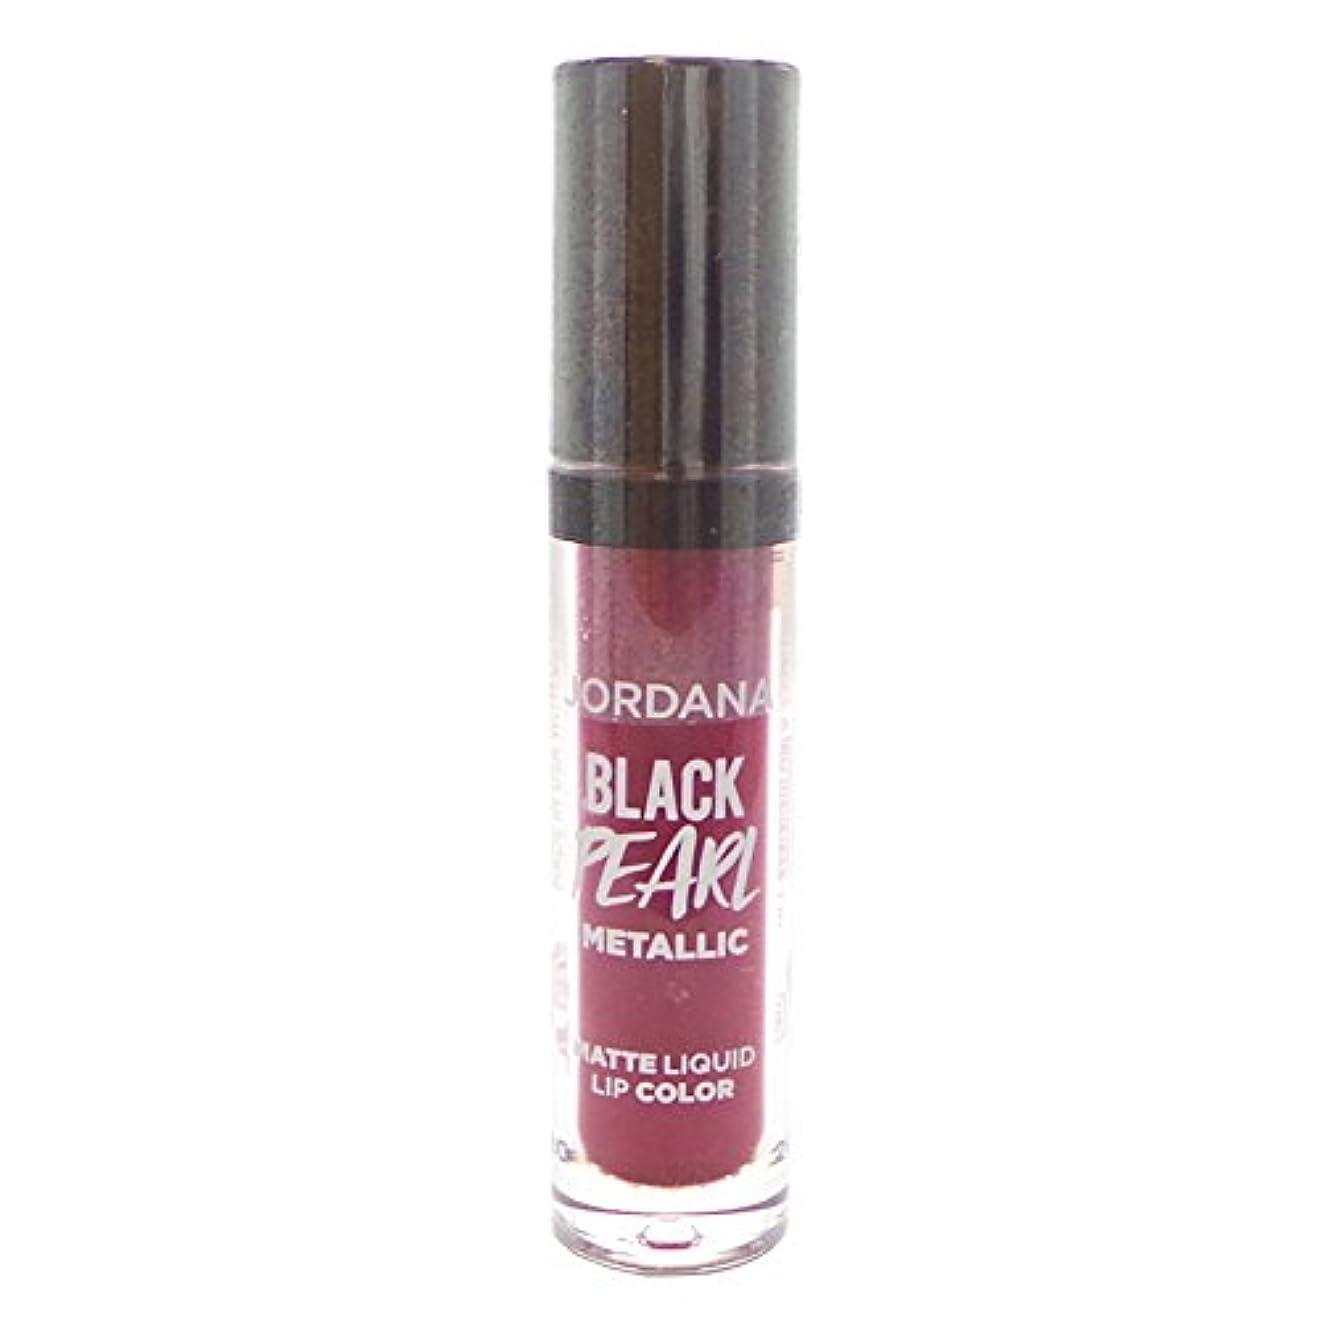 失速配管チャット(3 Pack) JORDANA Limited Edition Black Pearl Metallic Matte Liquid Lip Color - Hypnotic (並行輸入品)